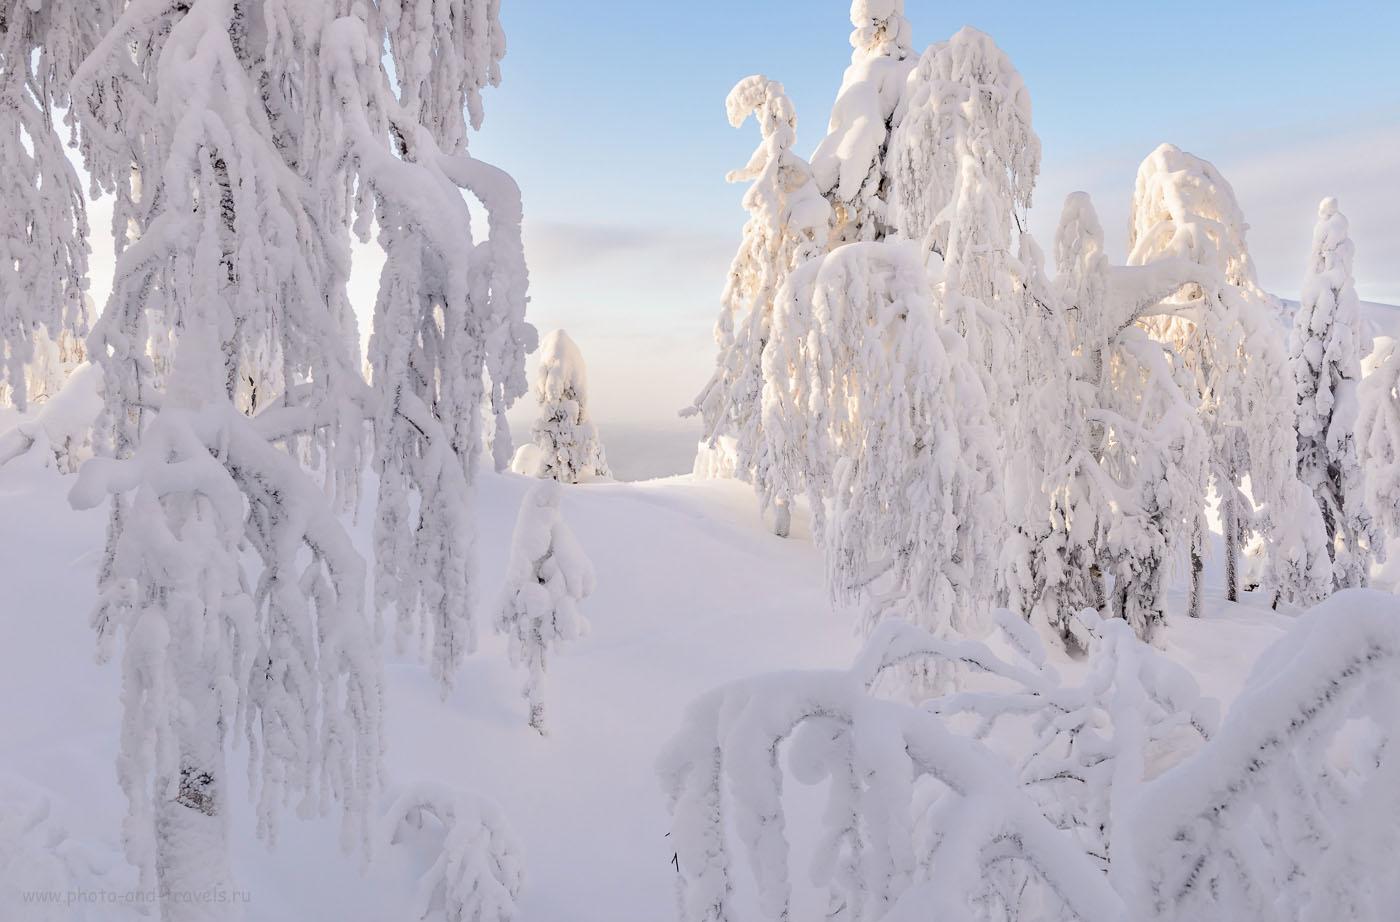 Фотография 15. Зимняя сказка на Среднем Урале. Как мы съездили на Каменный город. 1/125, +0.67, 9.0, 320, 29.